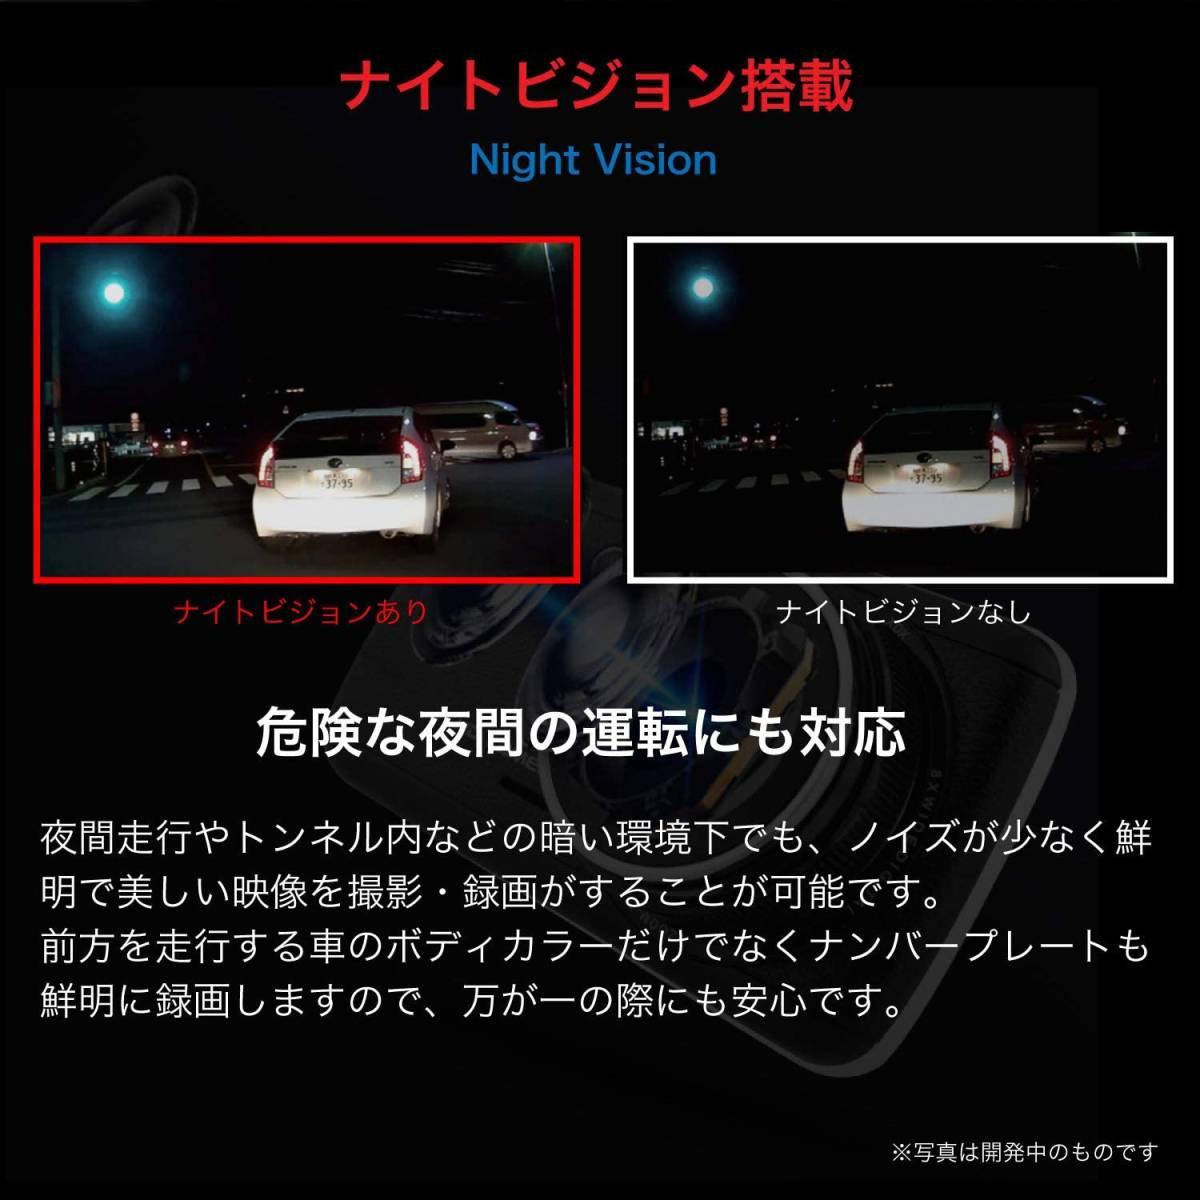 日本製 ドライブレコーダー 前後 カメラ 2カメラ 前後カメラ リアカメラ 駐車監視 衝撃録画 常時録画 モーション検知 ドラレコ_画像6